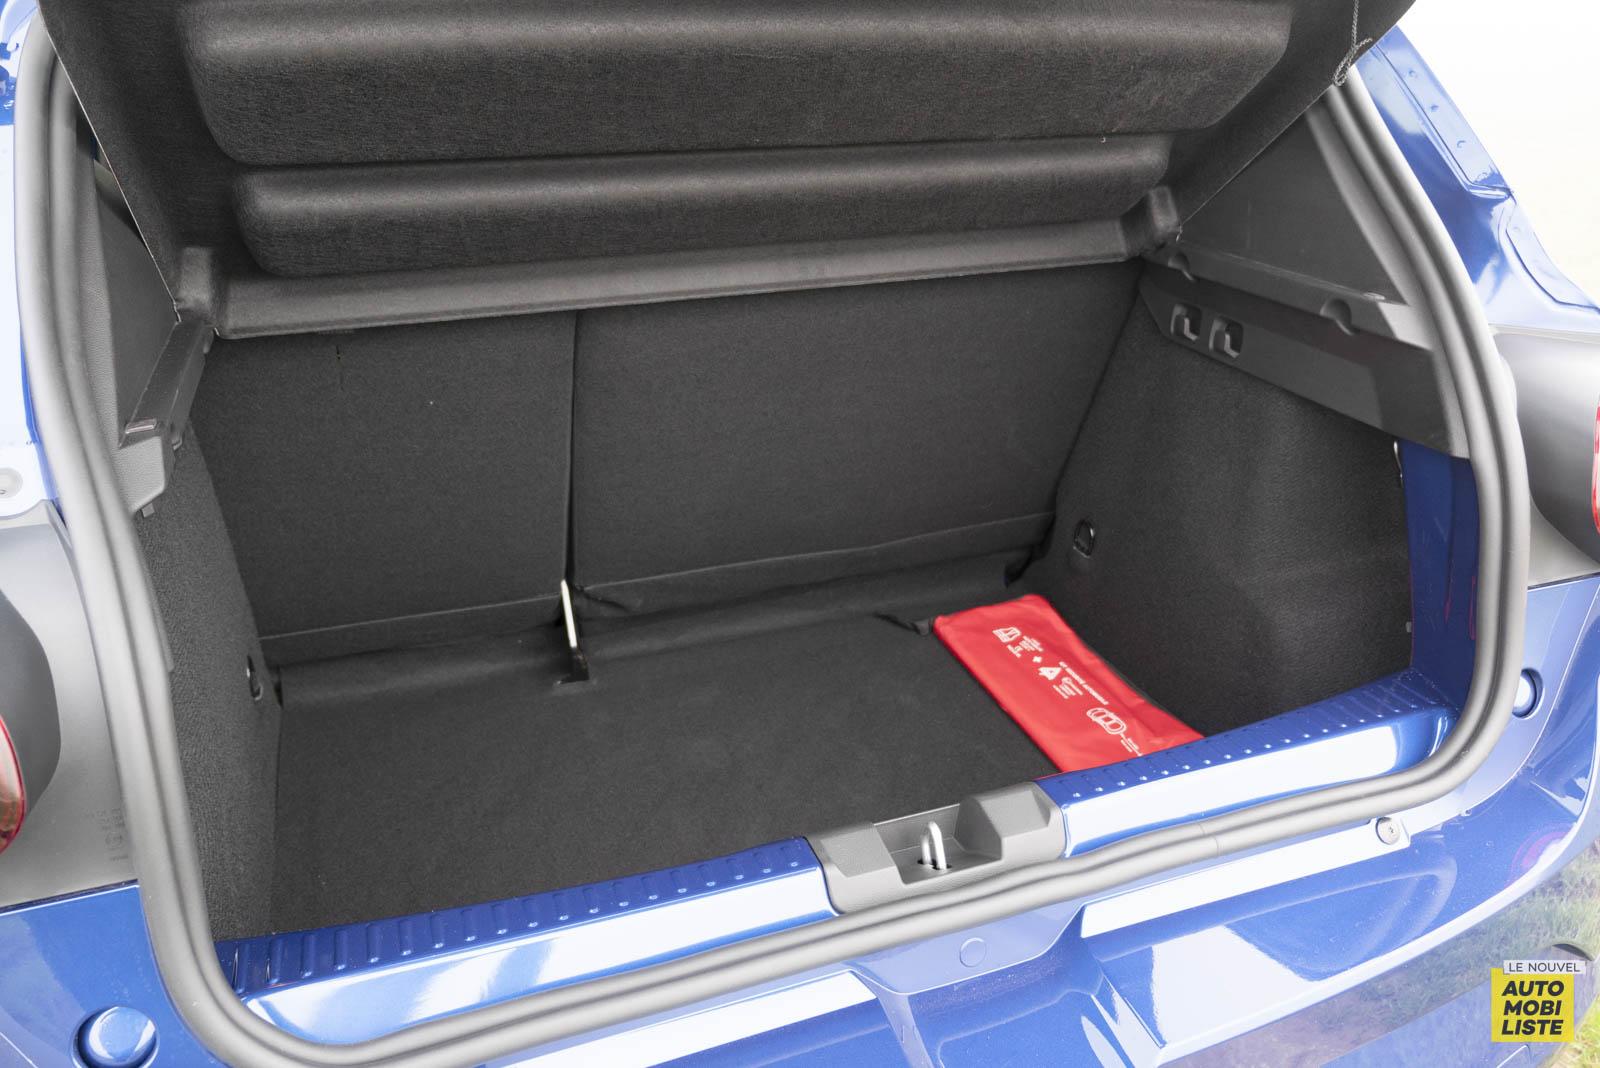 LNA 2011 Dacia Sandero TCe90 Comfort Coffre 004